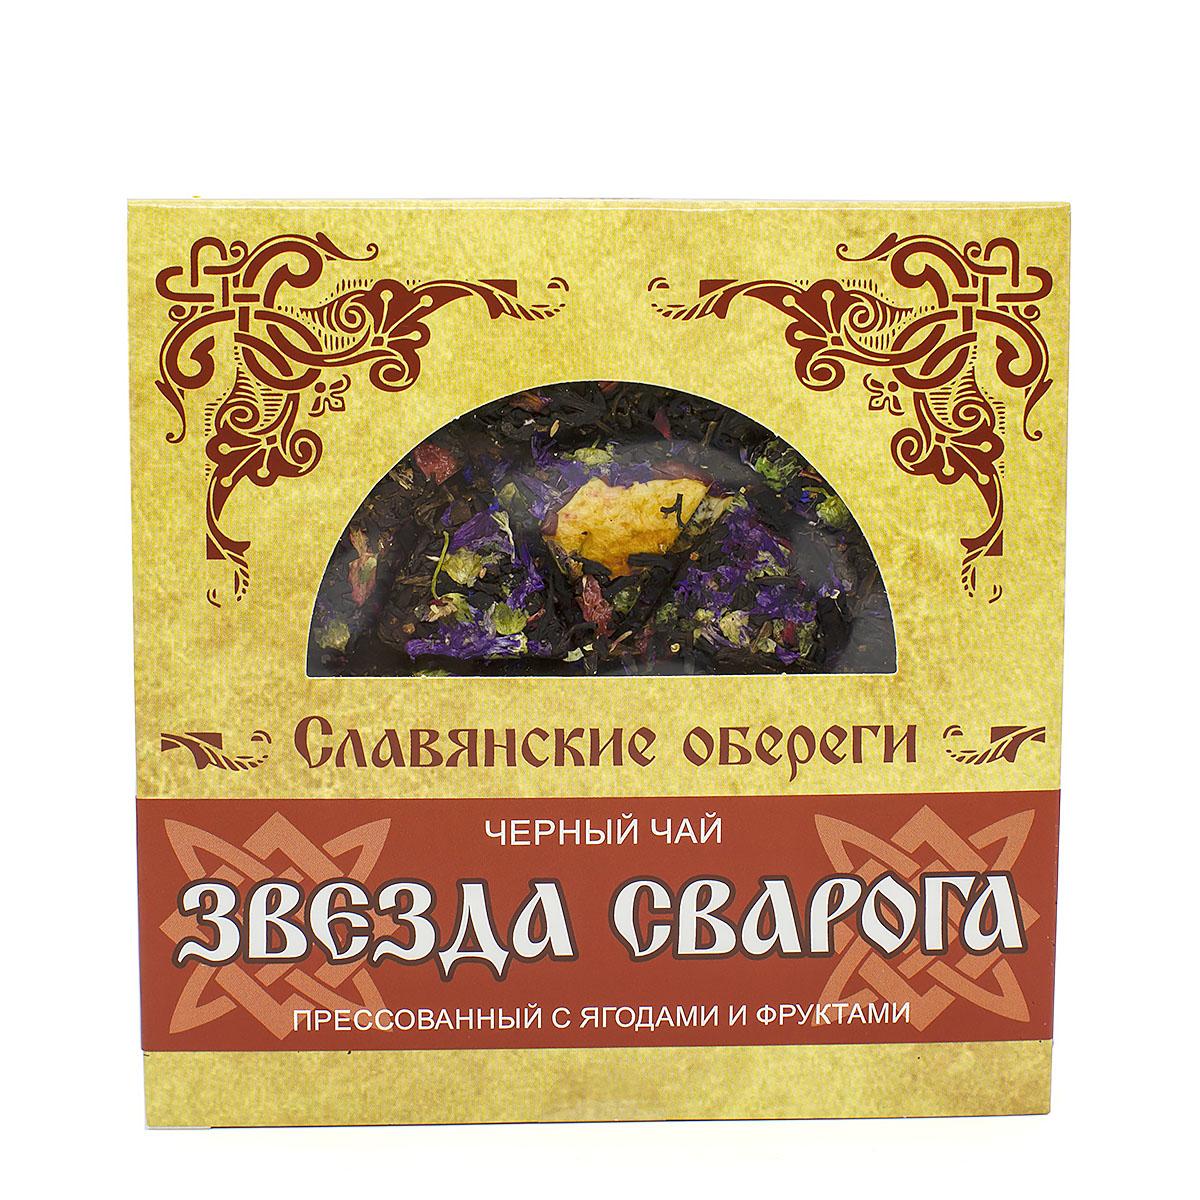 Чай чёрный Звезда Сварога, прессованный, блин, 125 г чай черный в поход прессованный 125 г